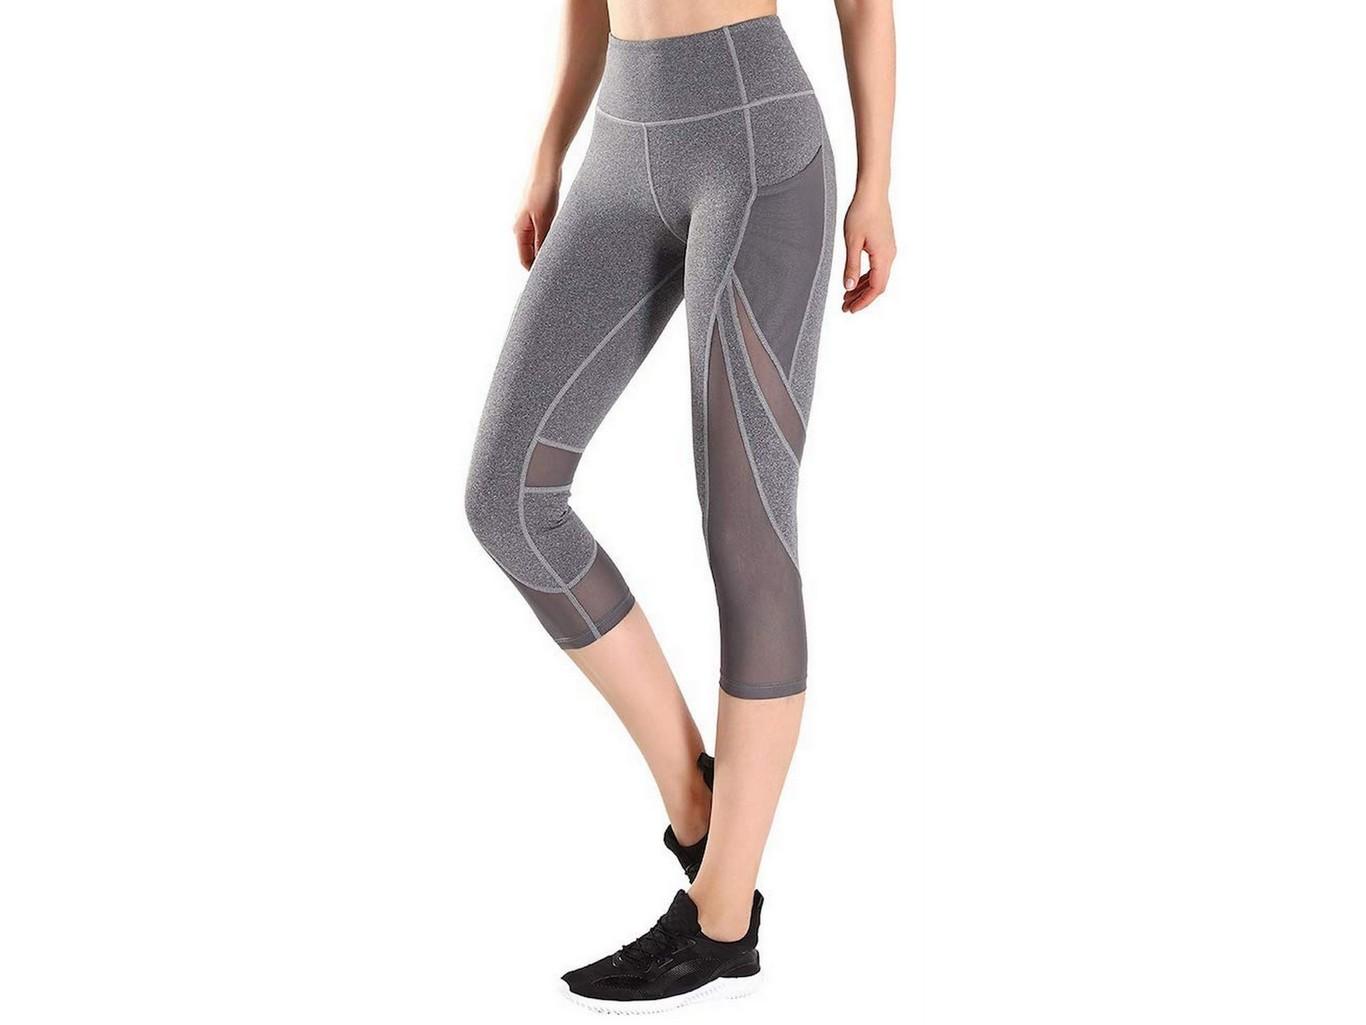 Pantalones holgados en color Gris para practicar Yoga